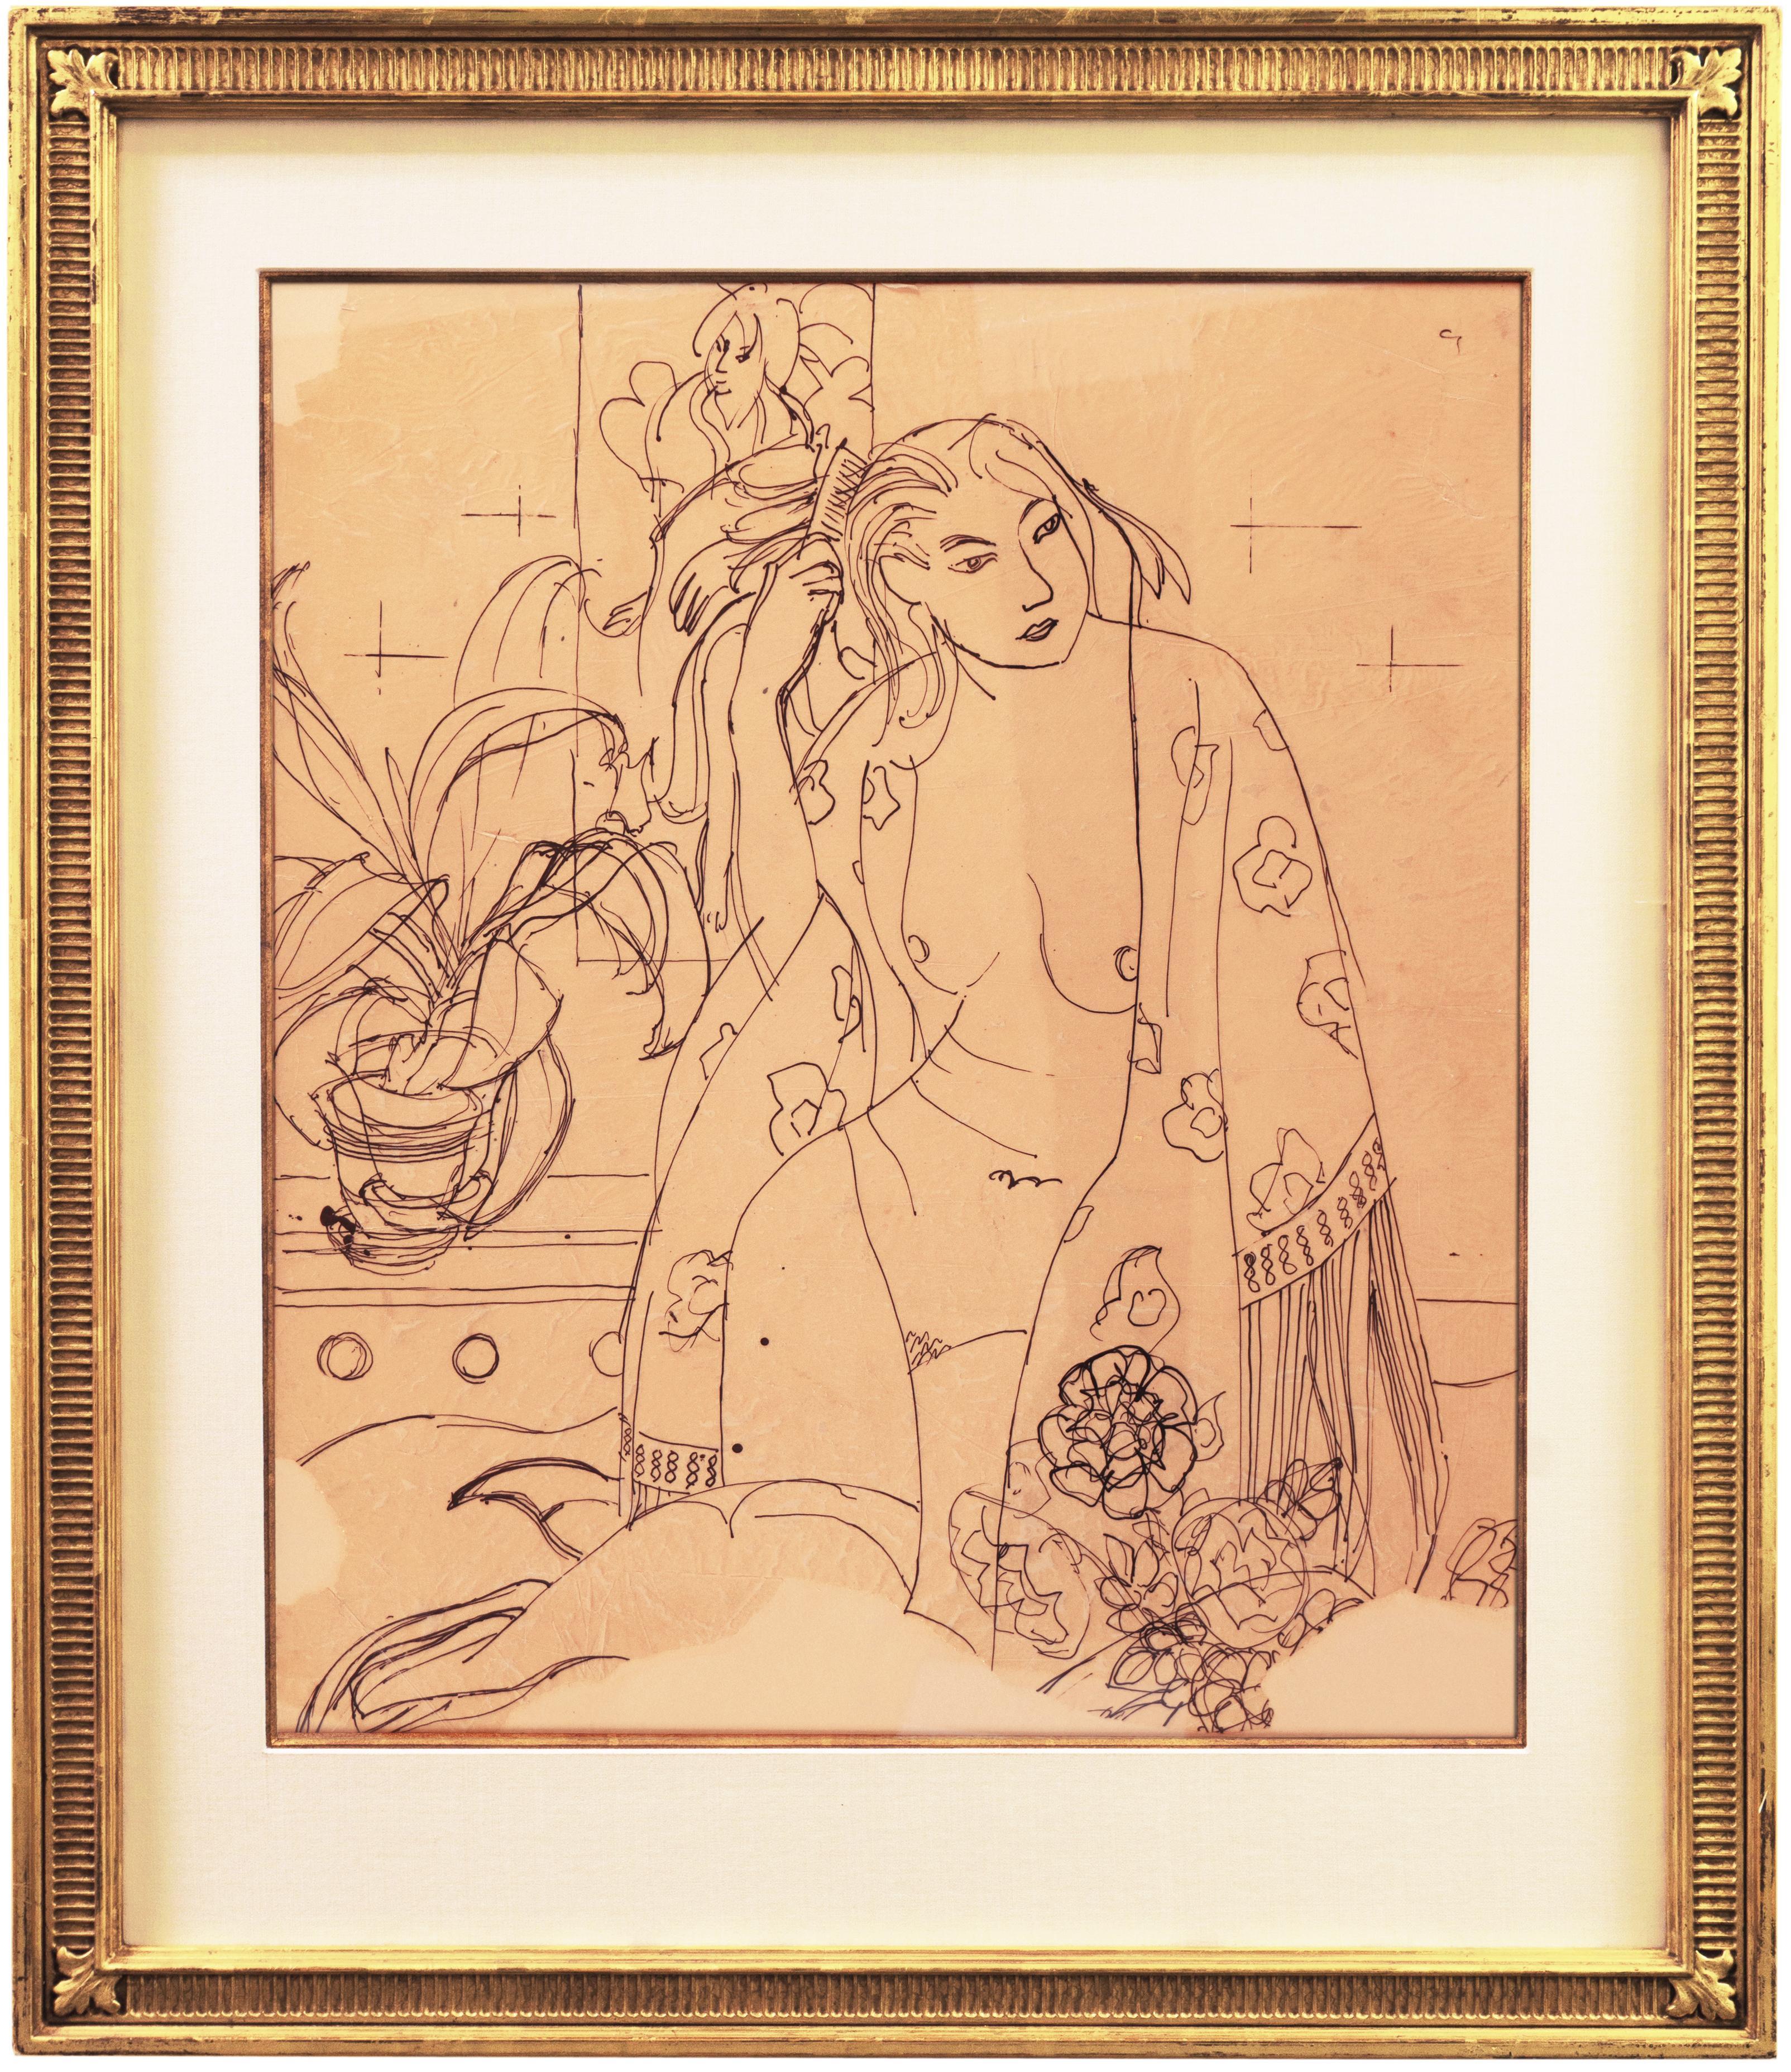 'Woman in a Kimono', LACMA, California Post-Impressionist pen and ink, Louvre